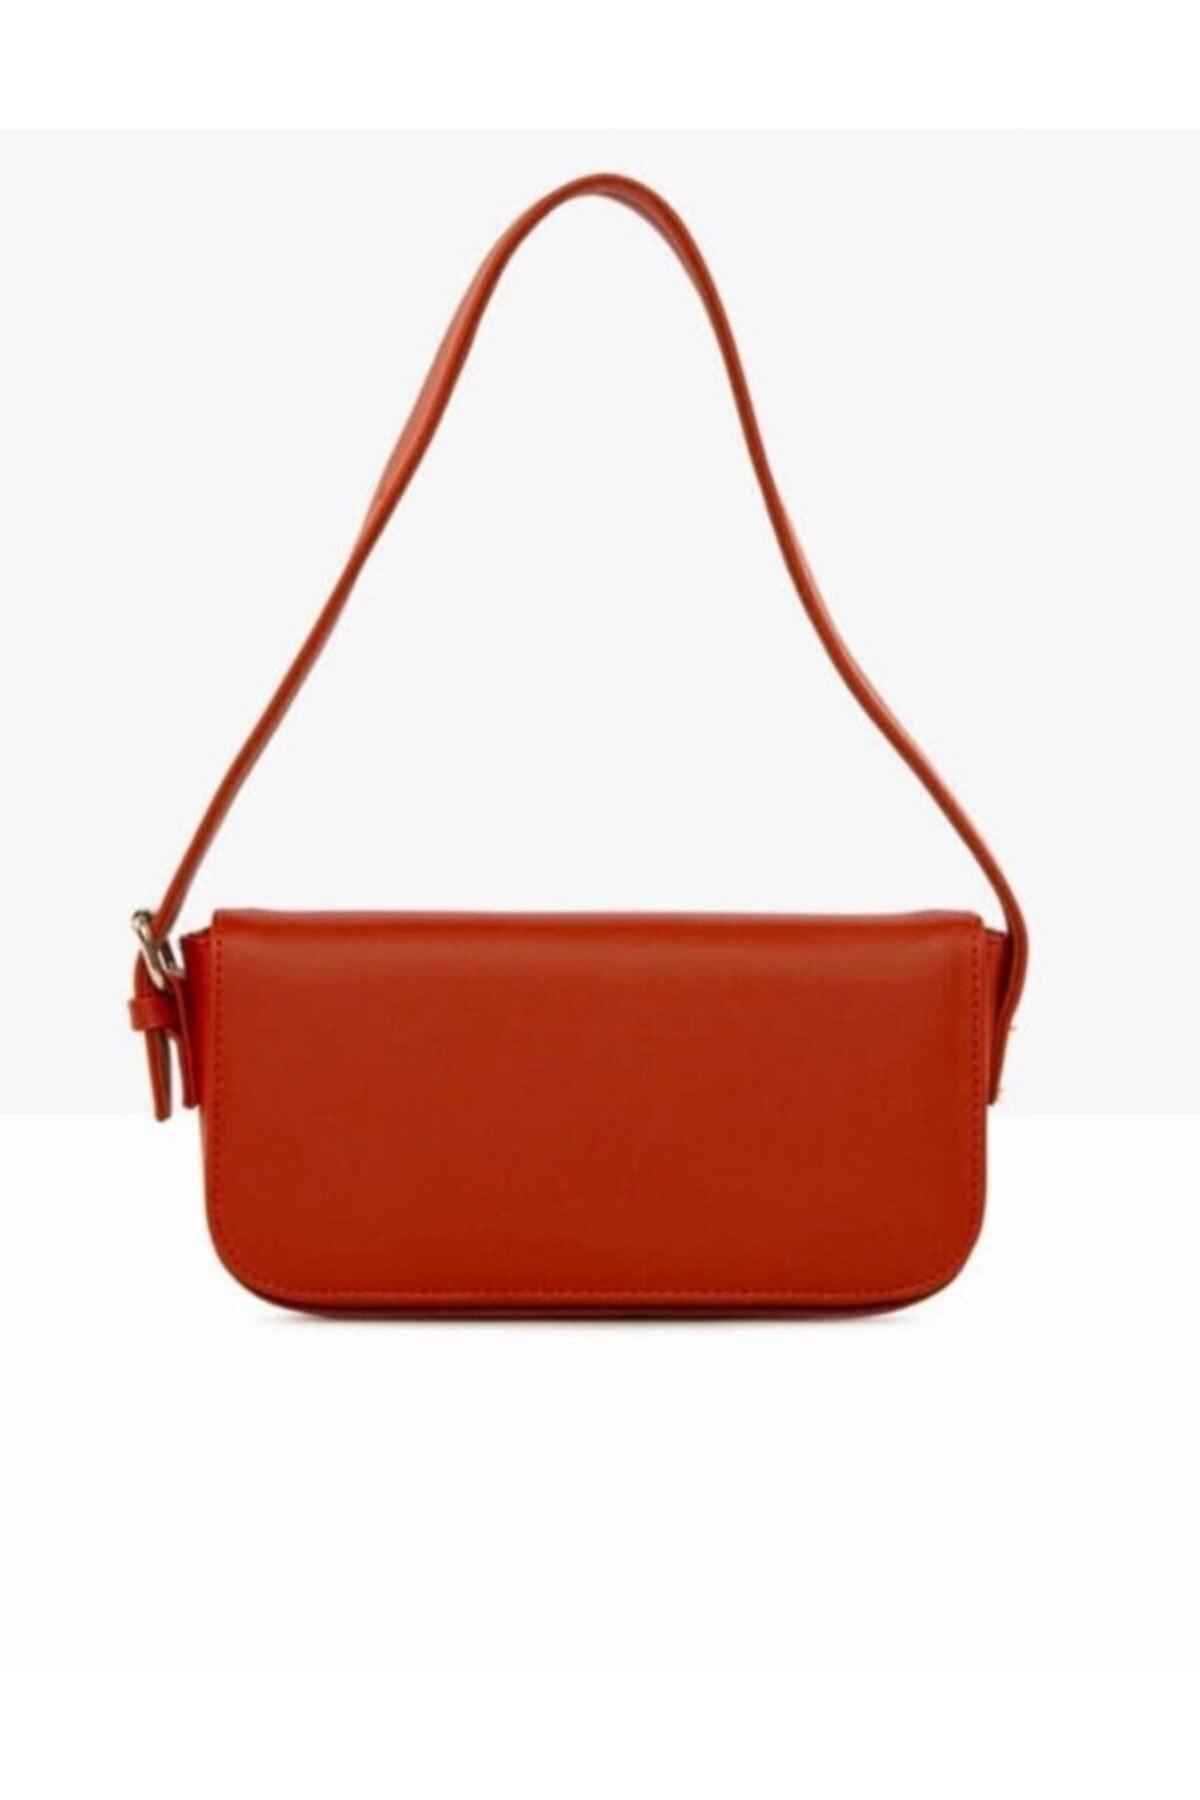 Kadın Kırmızı Kapaklı Baget Omuz Çantası